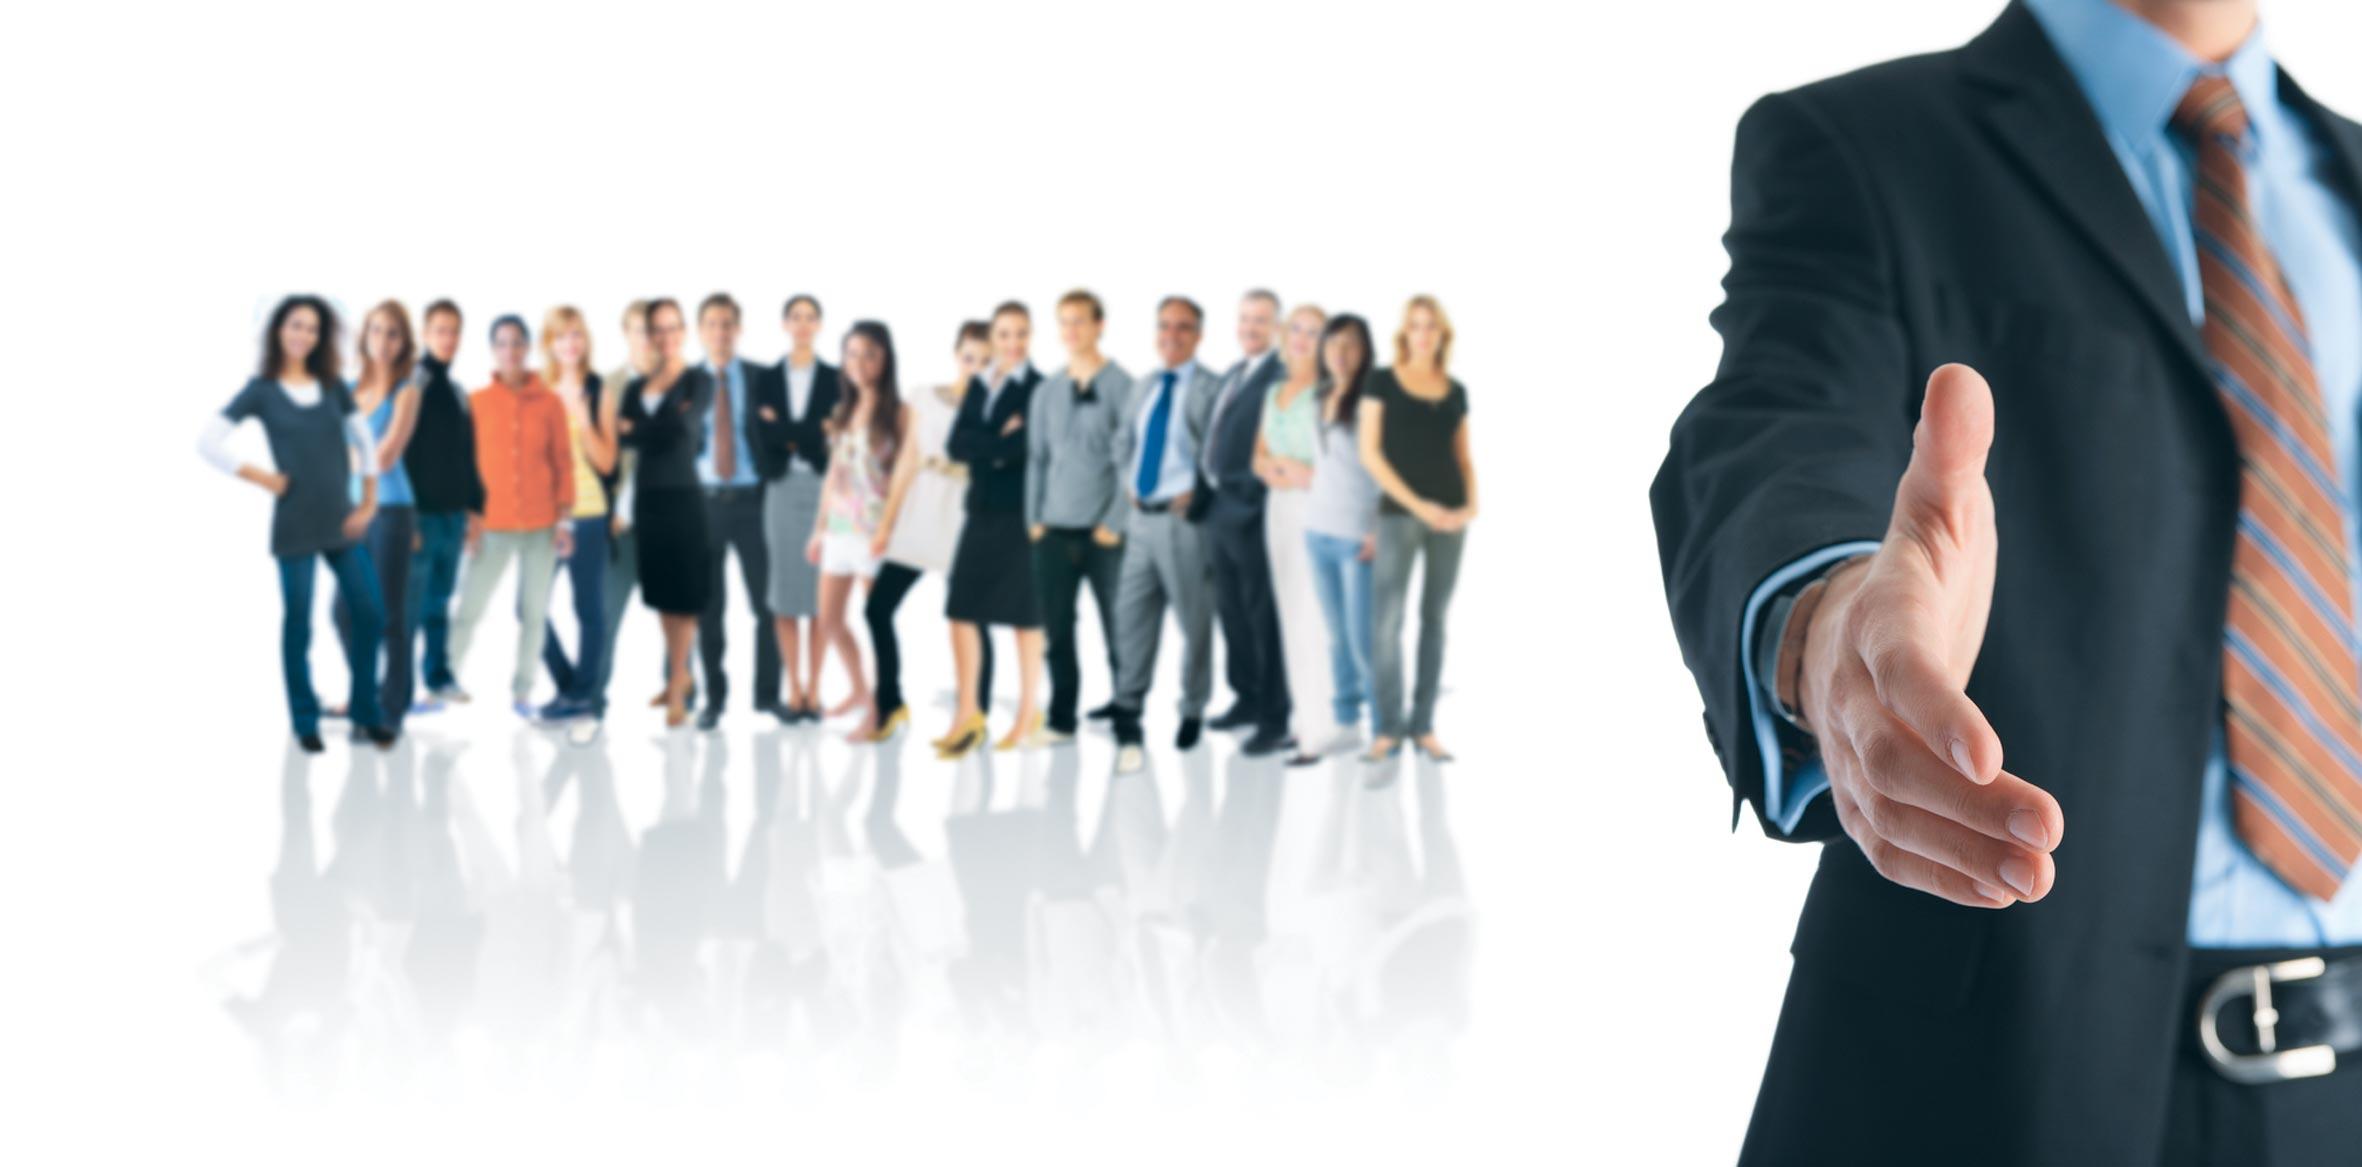 Cơ hội nghề nghiệp ngành Lập trình máy tính